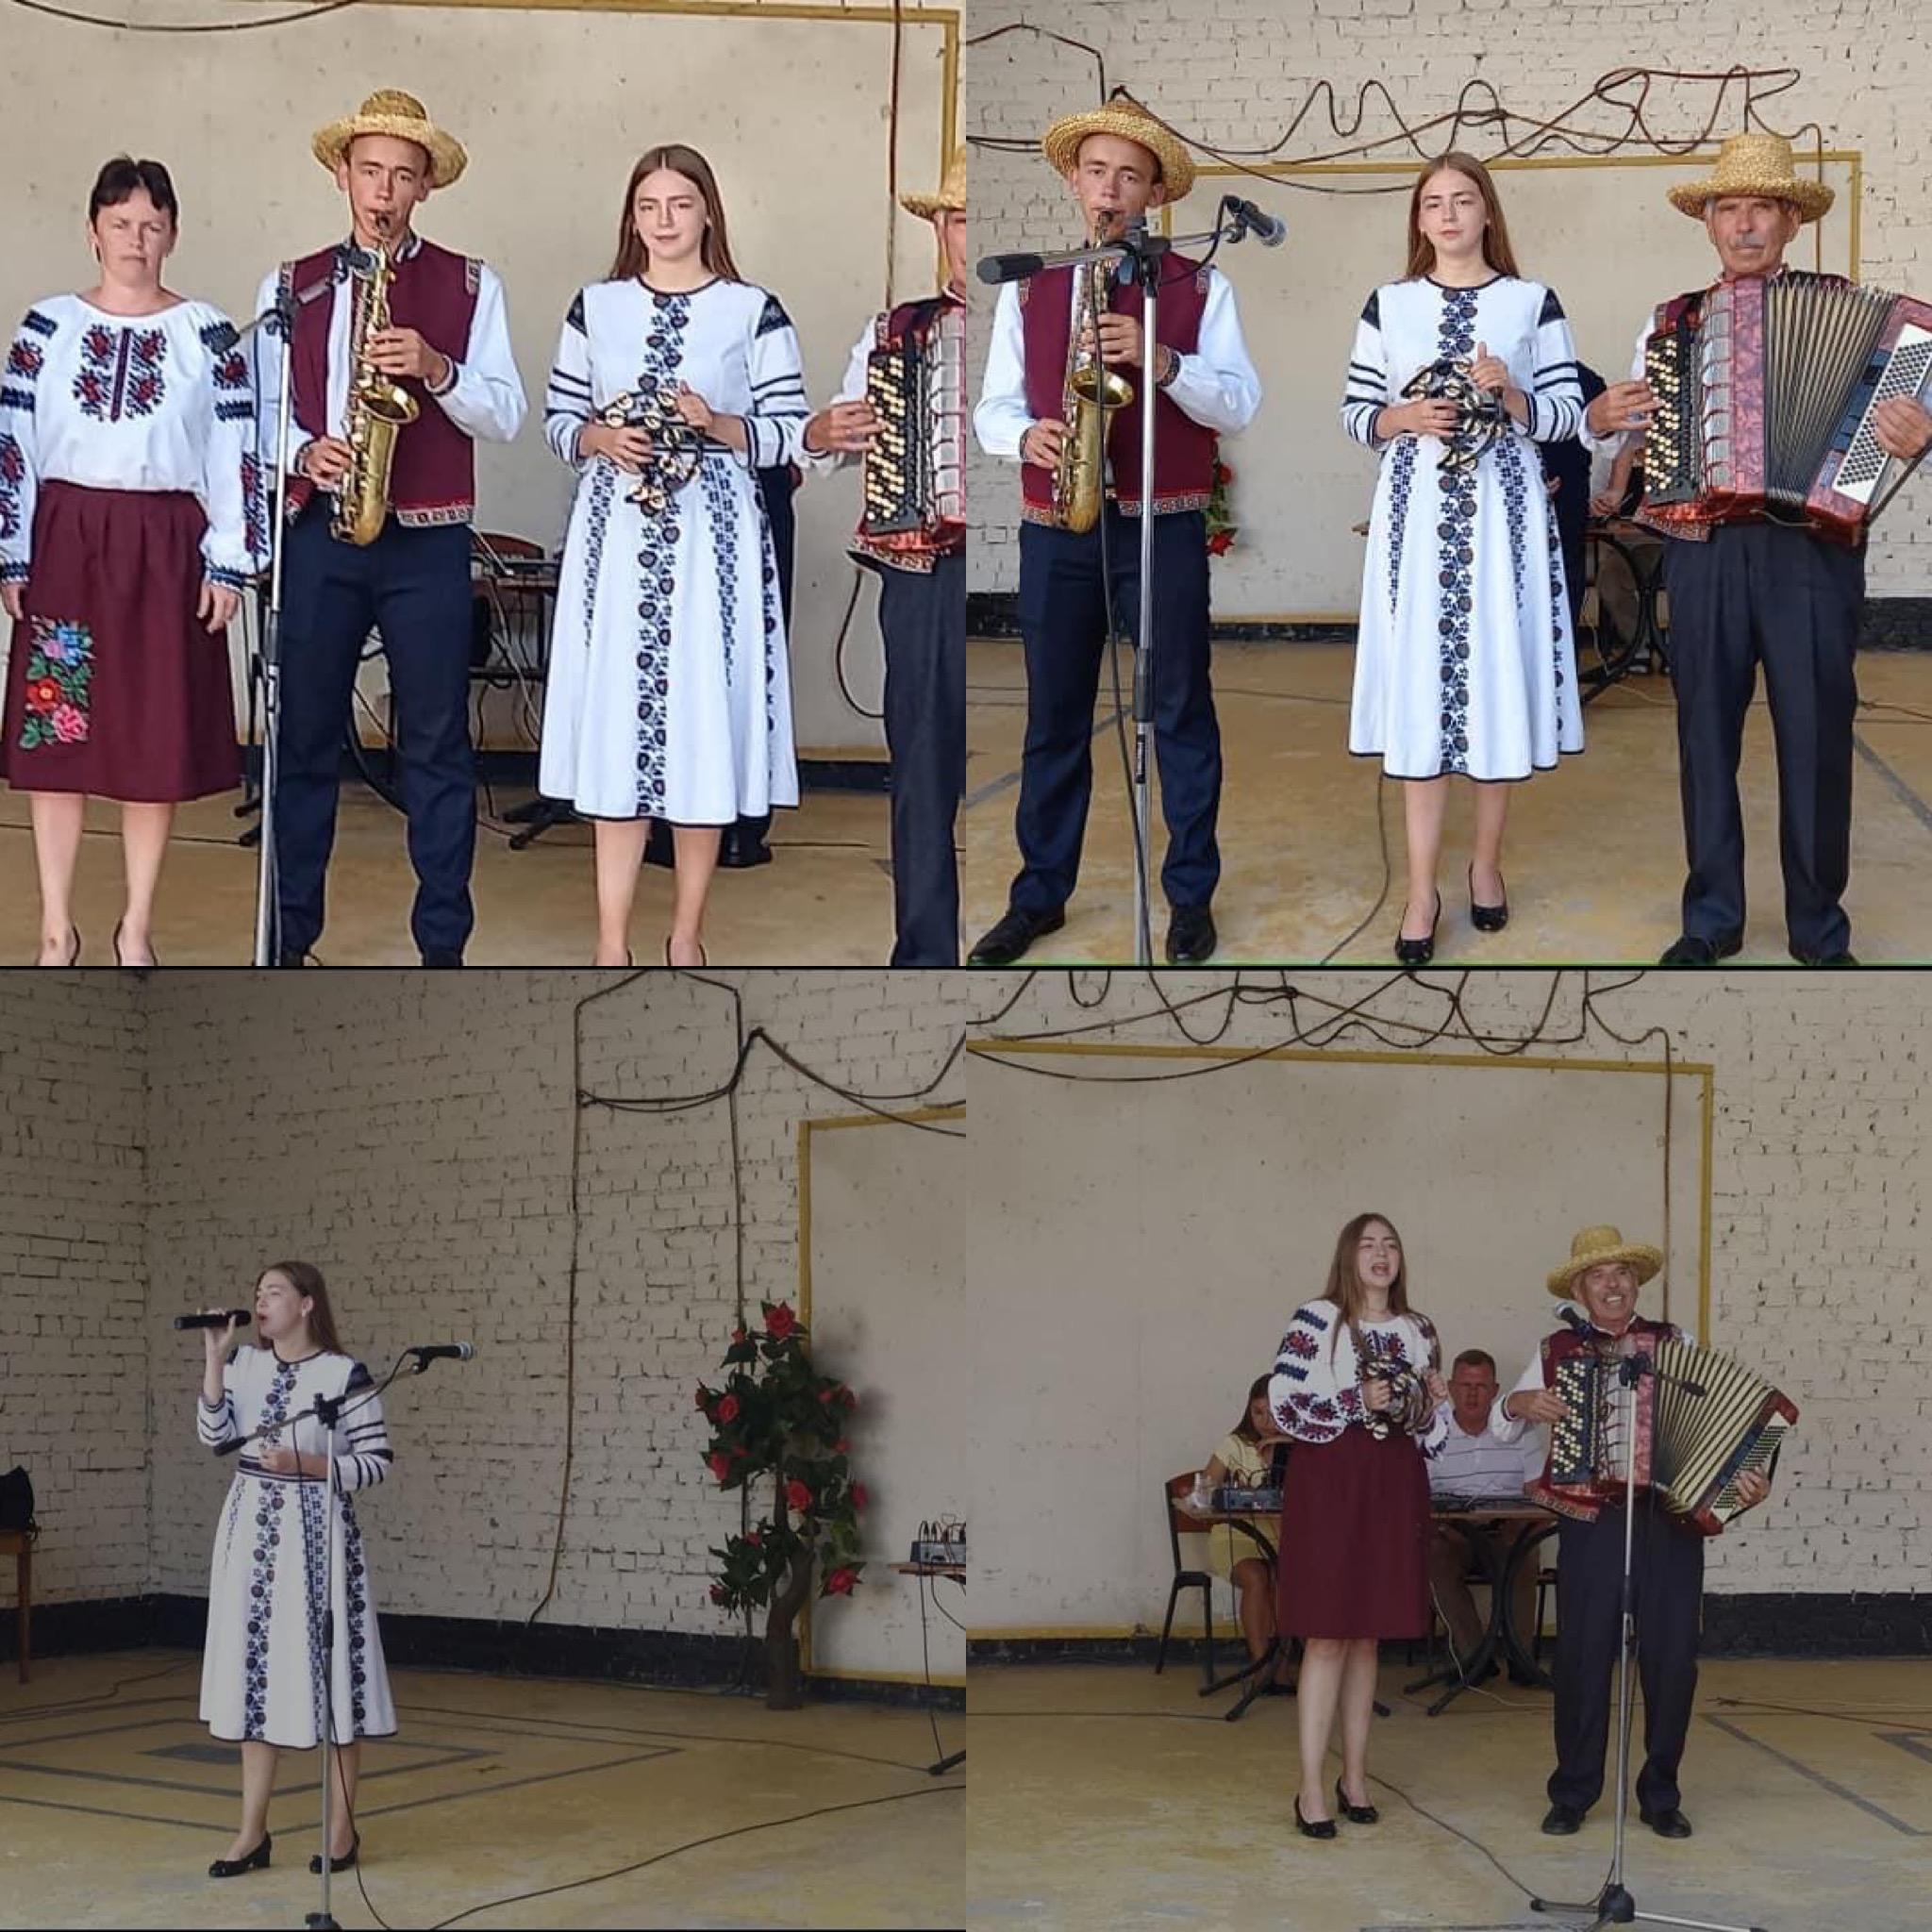 Ансамбль народних музик сім'ї Штуринів с. Малий Любінь прийняв участь у заключному Всеукраїнському фестивалі пісенної та музичної творчості